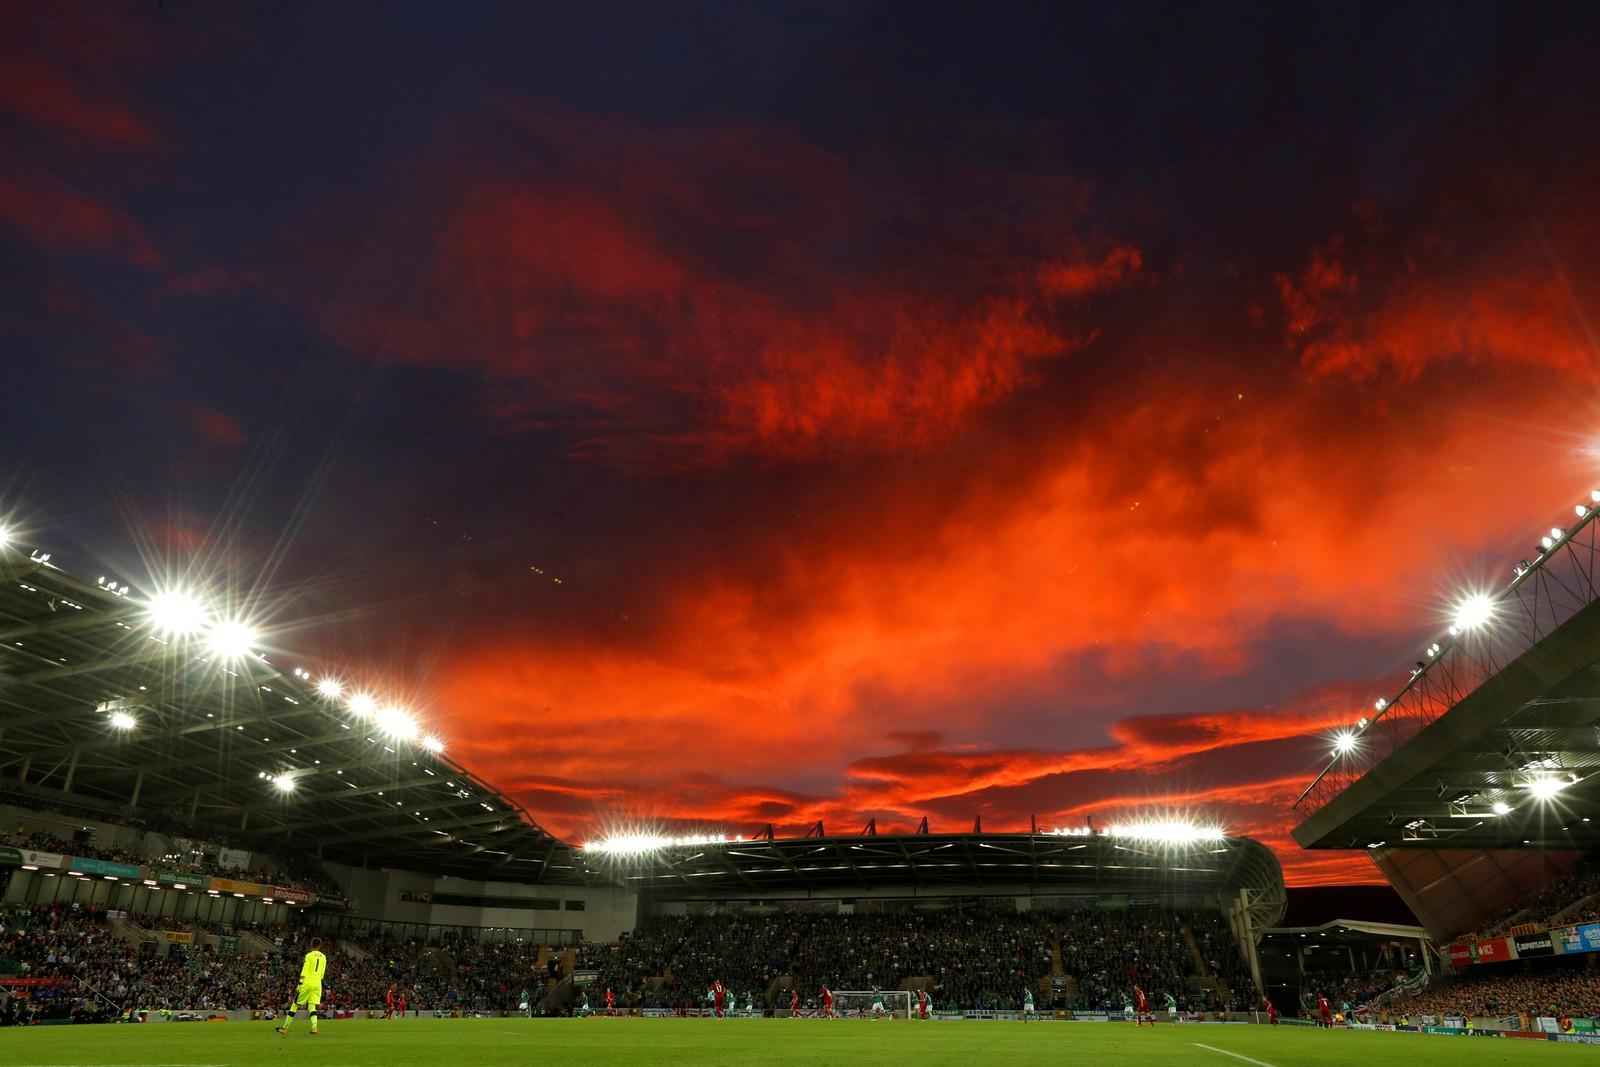 Selv en som ikke er fotballinteressert kan sikkert nyte dette. Bildet er tatt under kampen mellom Nord-Irland og Tsjekkia i Belfast.